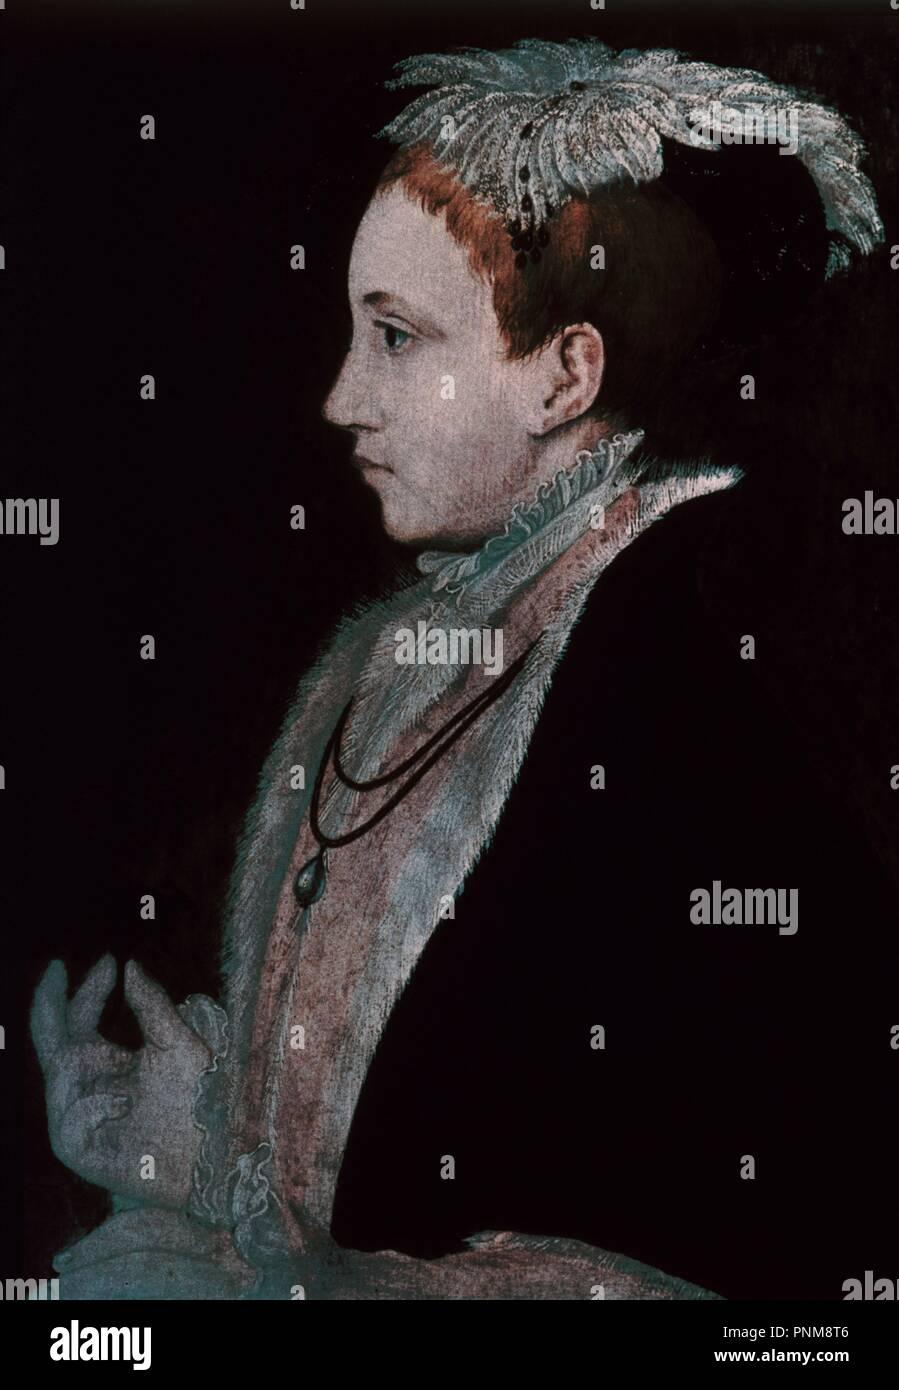 EDUARDO VI DE INGLATERRA (1537/53), REY DE INGLATERRA Y DE IRLANDA - FAVORECIO LA REFORMA. Ubicación: Galería Nacional. Londres. Inglaterra. Foto de stock